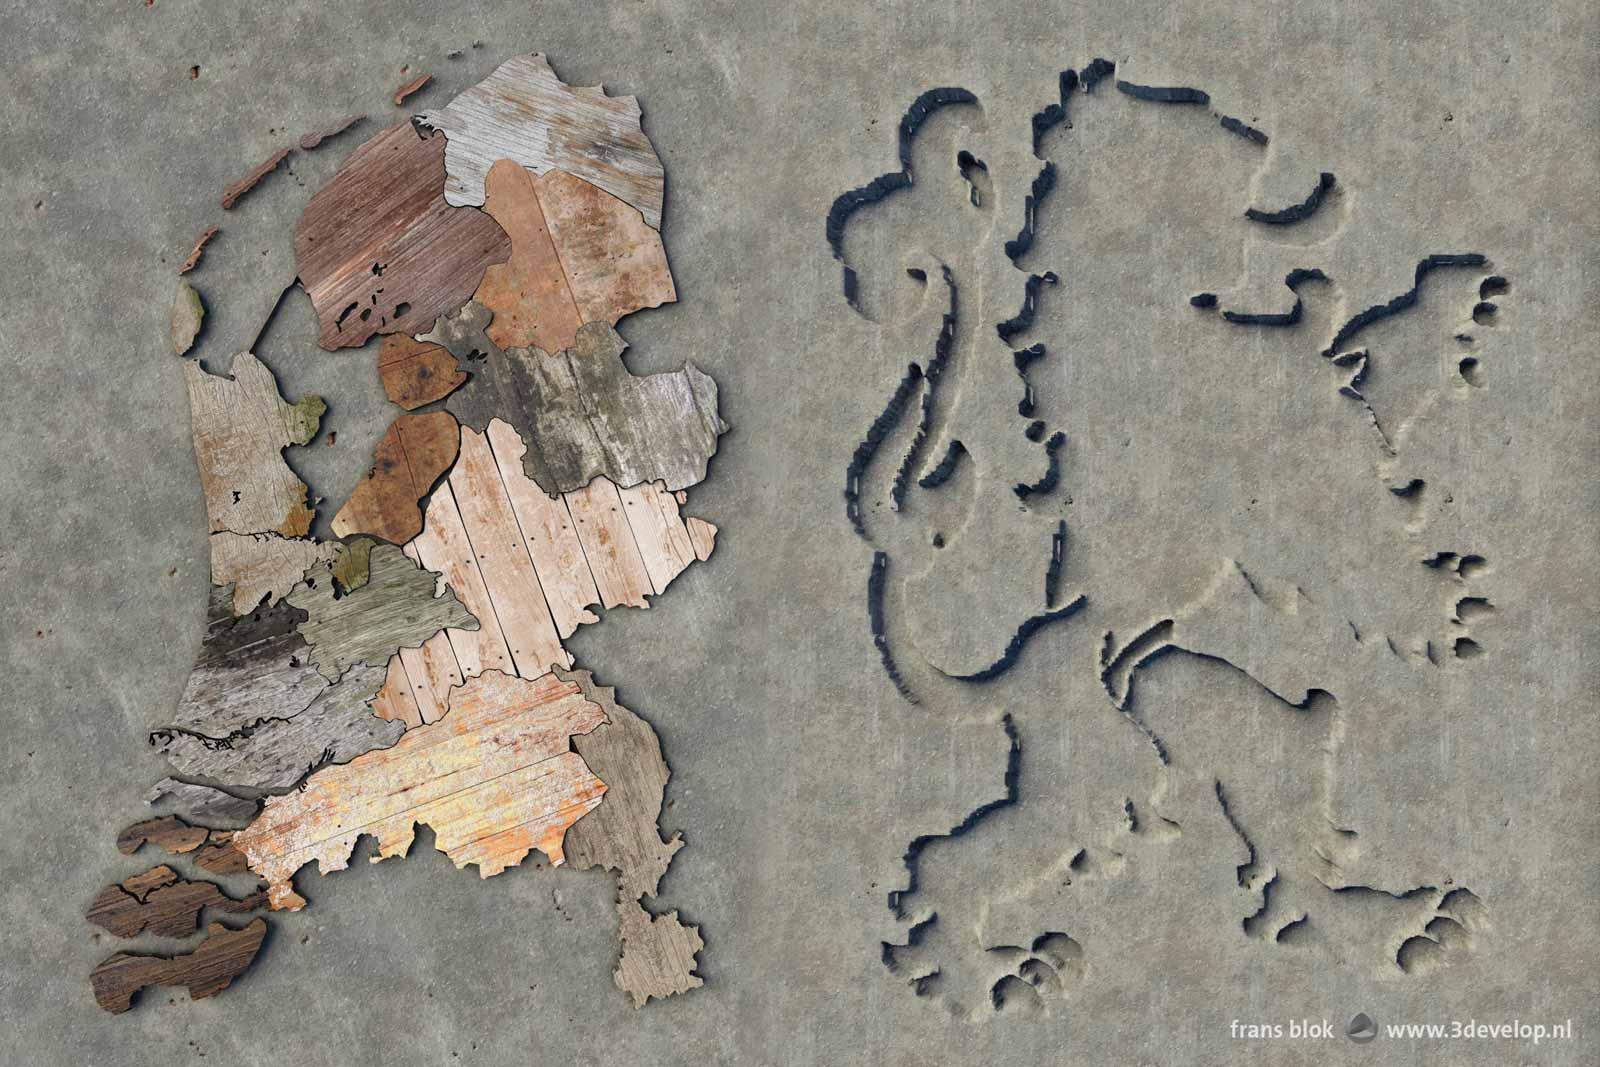 Kaart van Nederland, gemaakt van sloophout en twintig graden tegen de klok in gedraaid met daarnaast de Nederlandse leeuw als terugliggend vlak in het beton van de wand.